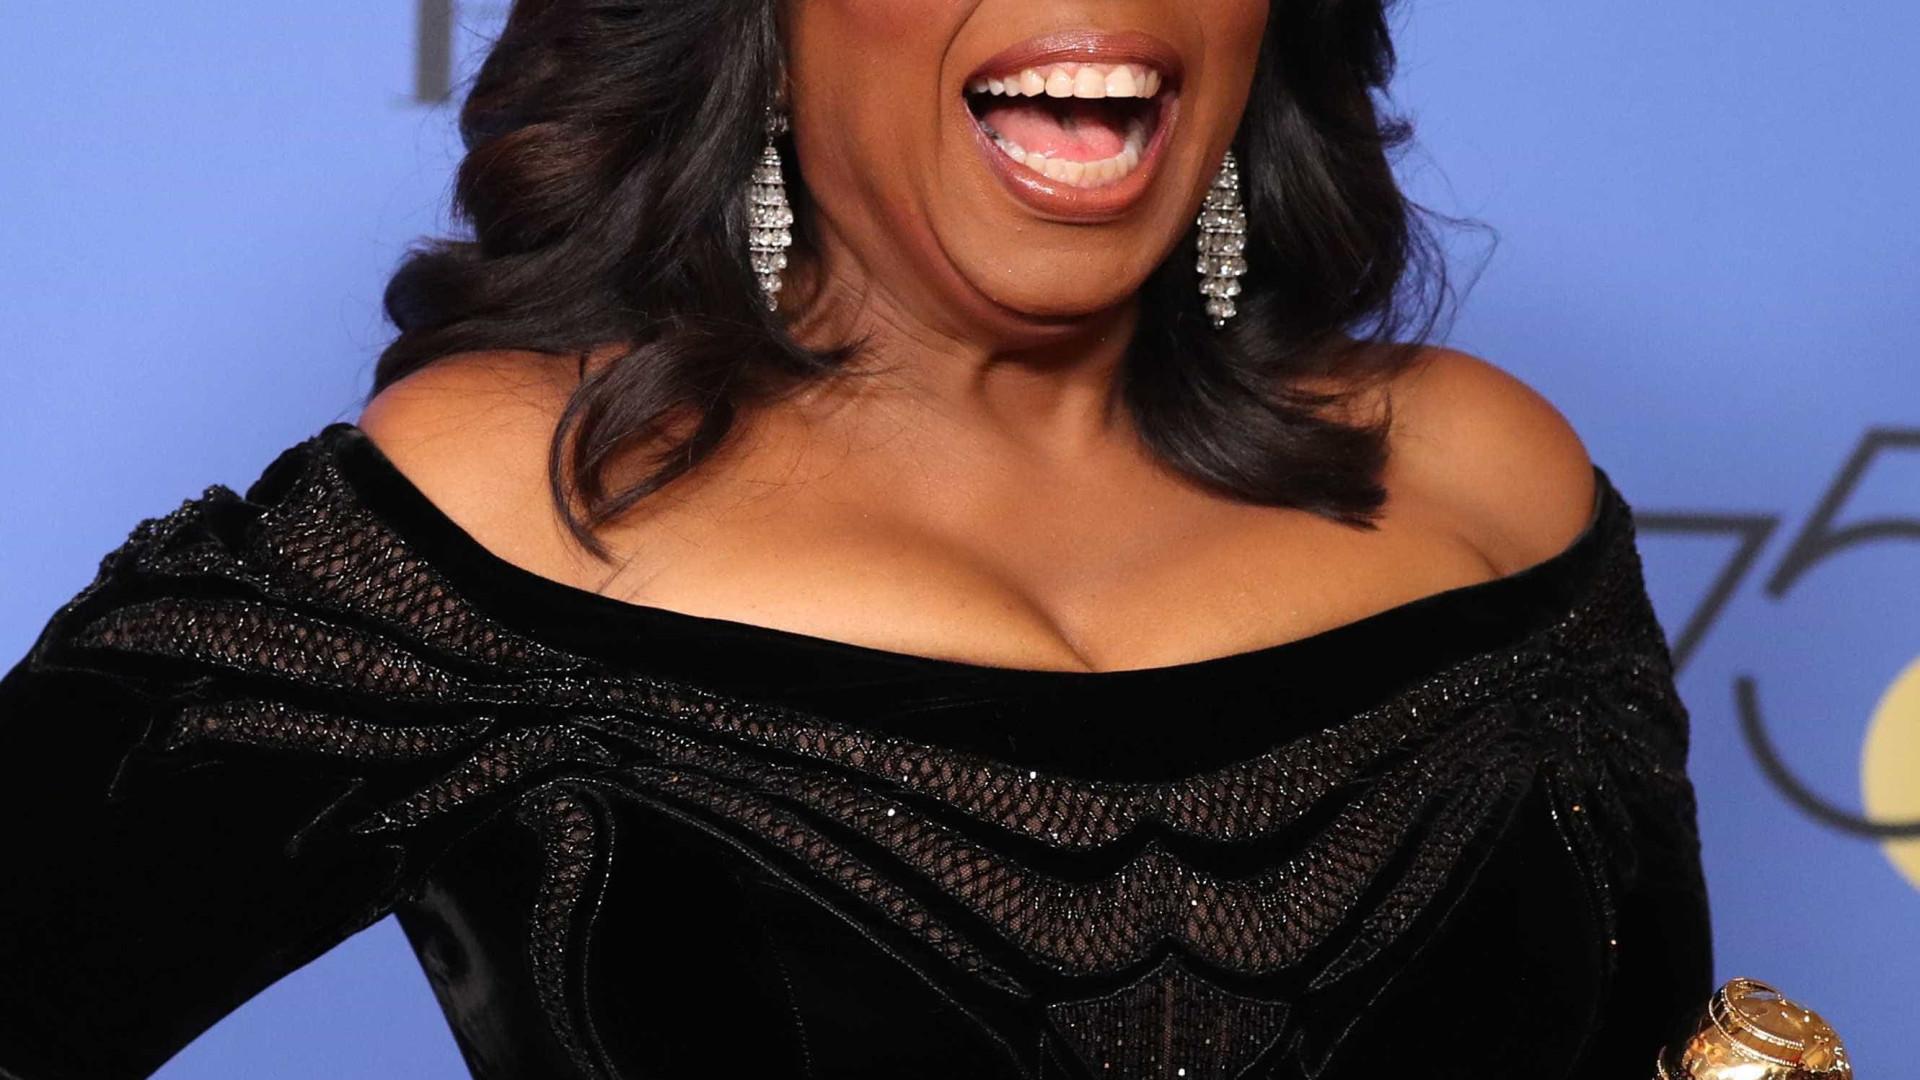 Em disputa dos mais ricos, Oprah supera Donald Trump